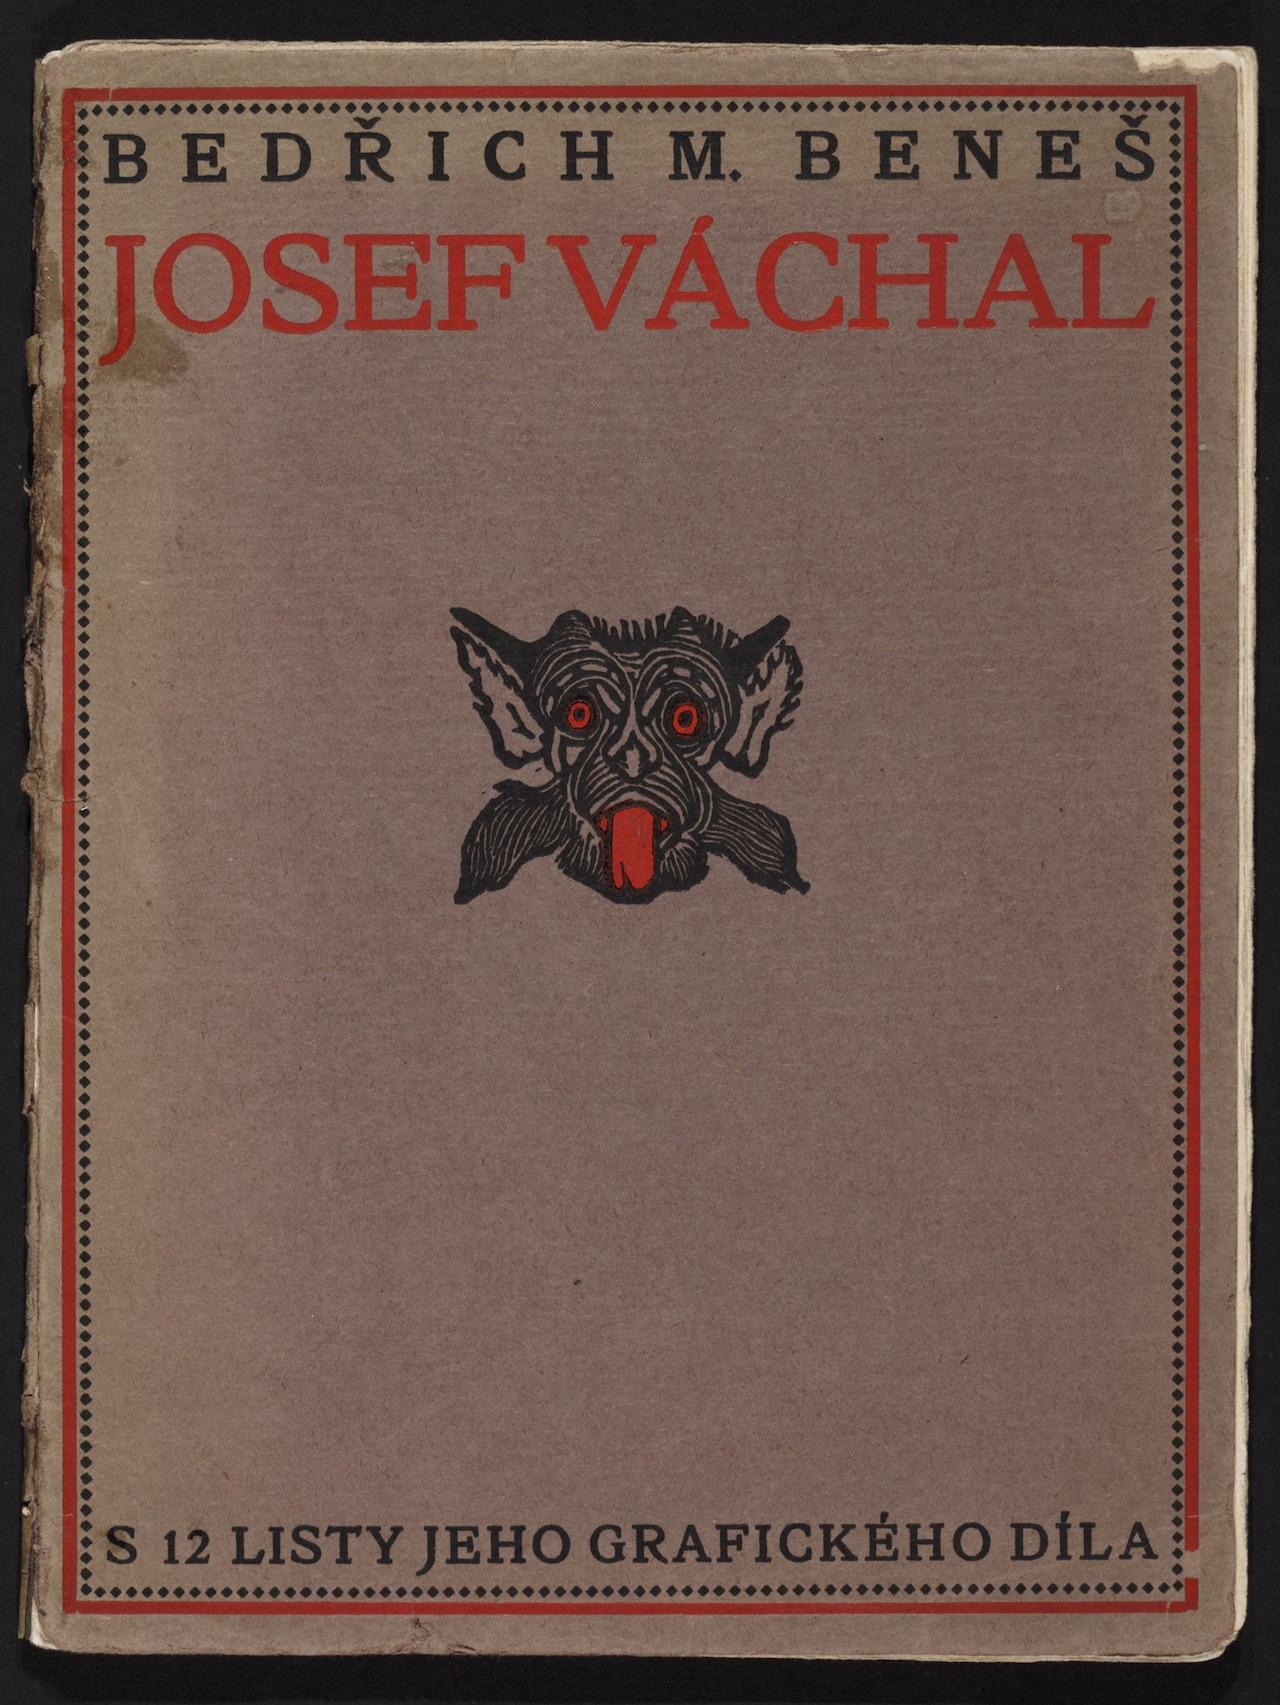 """Josef Váchal, illustration for """"Josef Váchal"""" (1914) by Bedřich Beneš Buchlovan"""